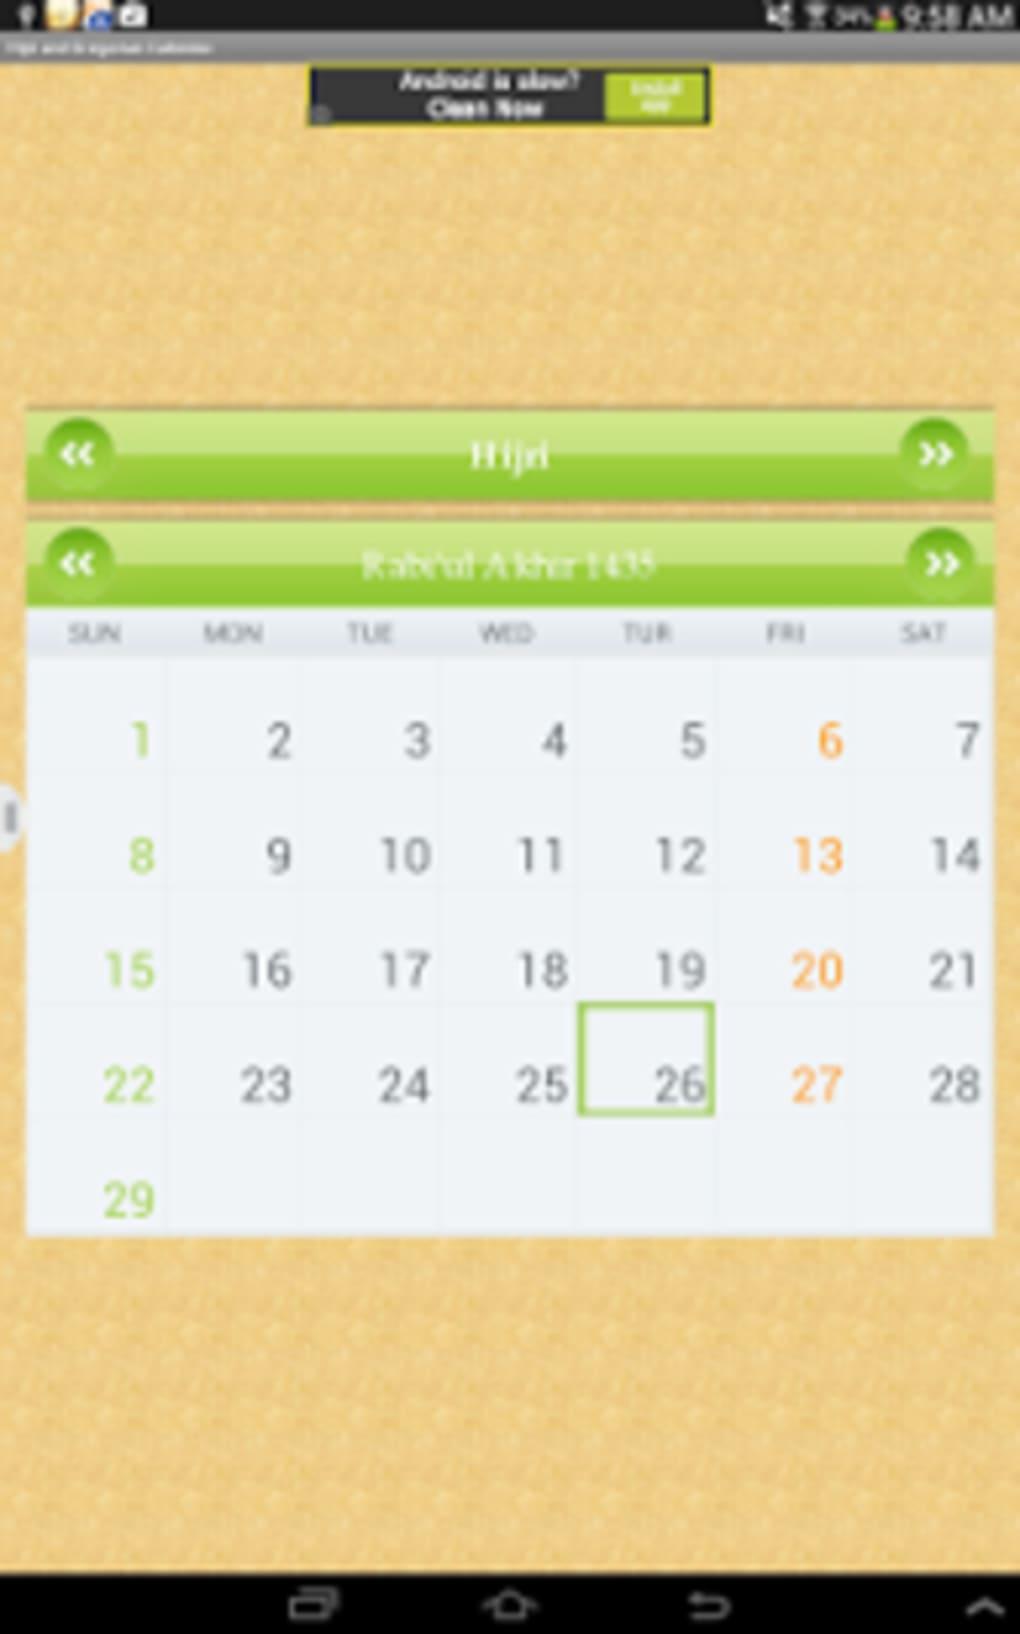 Hijri Calendar Widget for Android - Download